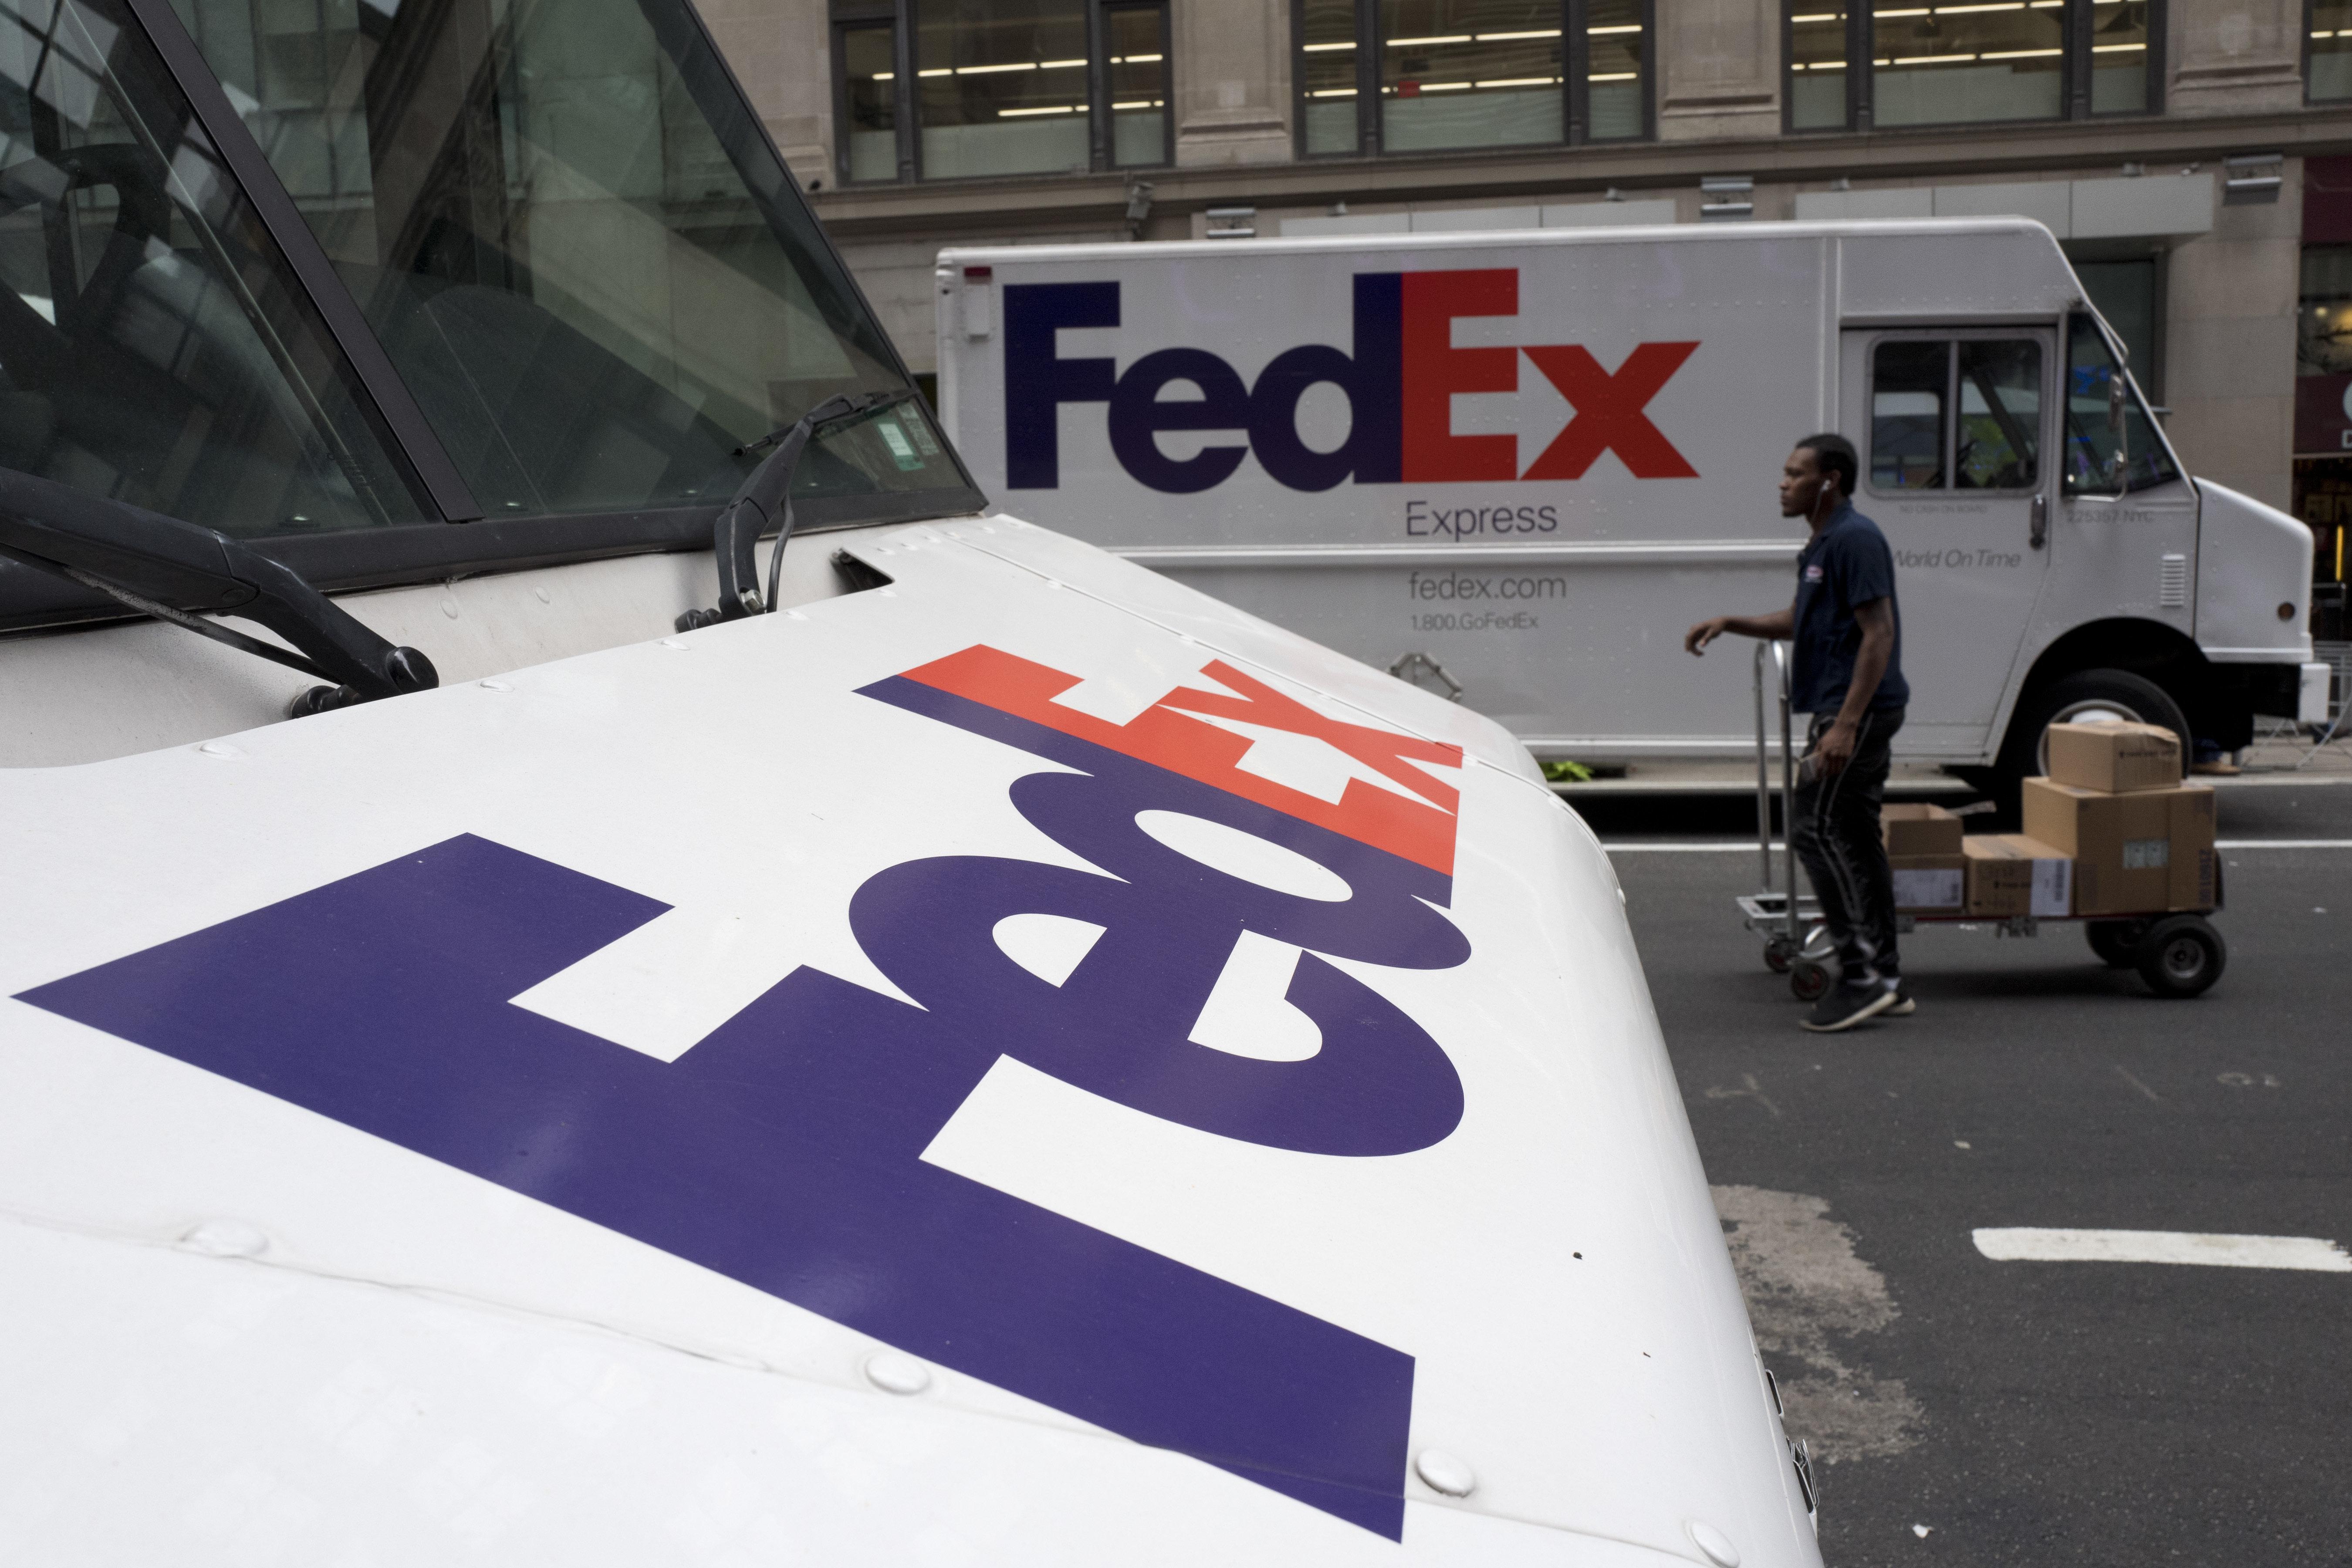 Camionetas de FedEx estacionadas en Nueva York, el 22 de agosto de 2017. (AP Photo/Mark Lennihan, File)